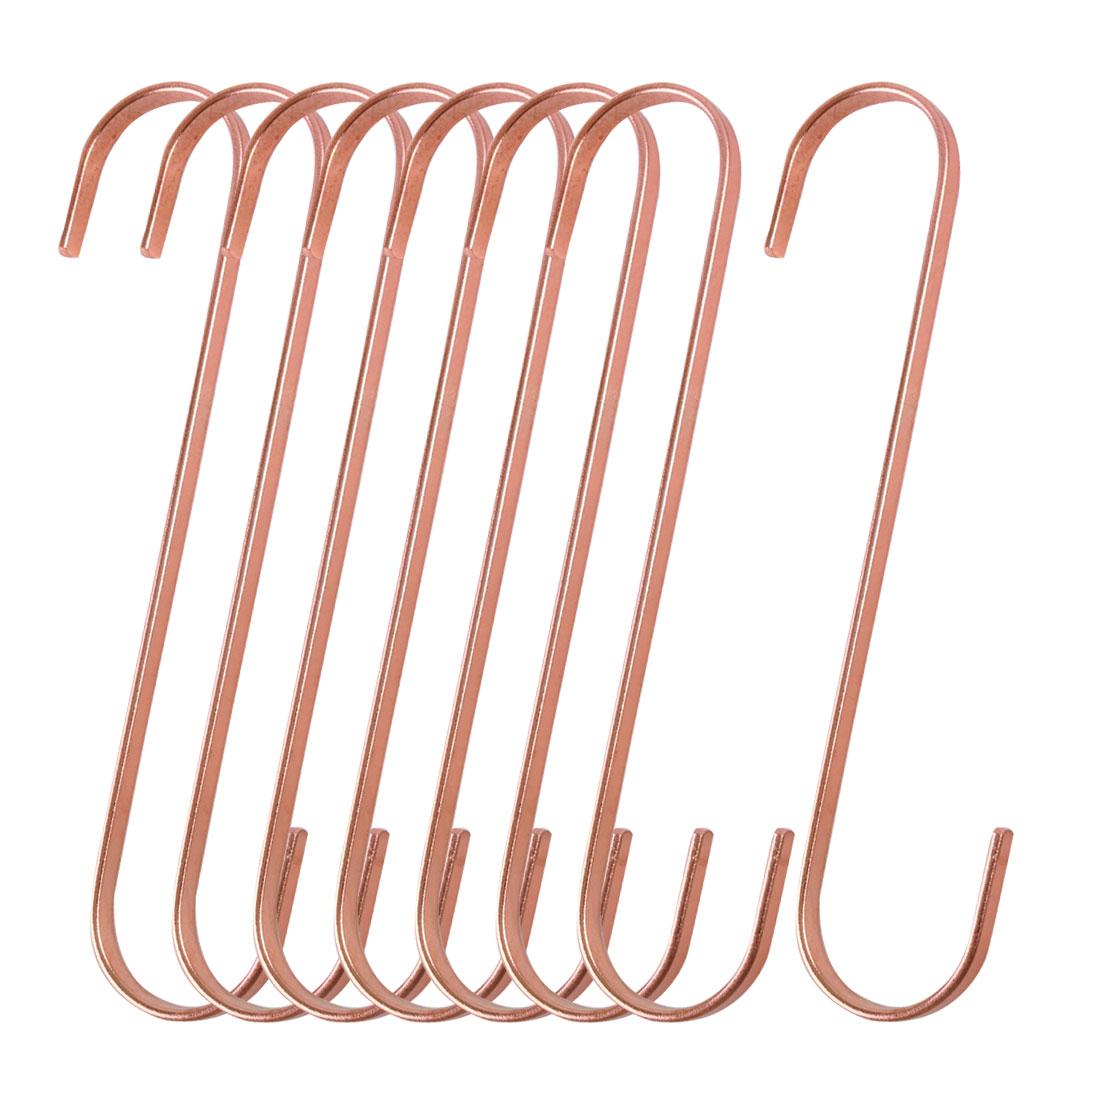 8pcs S Shape Hook Rack Stainless Steel for Pot Utensils Coat Holder Rose Gold